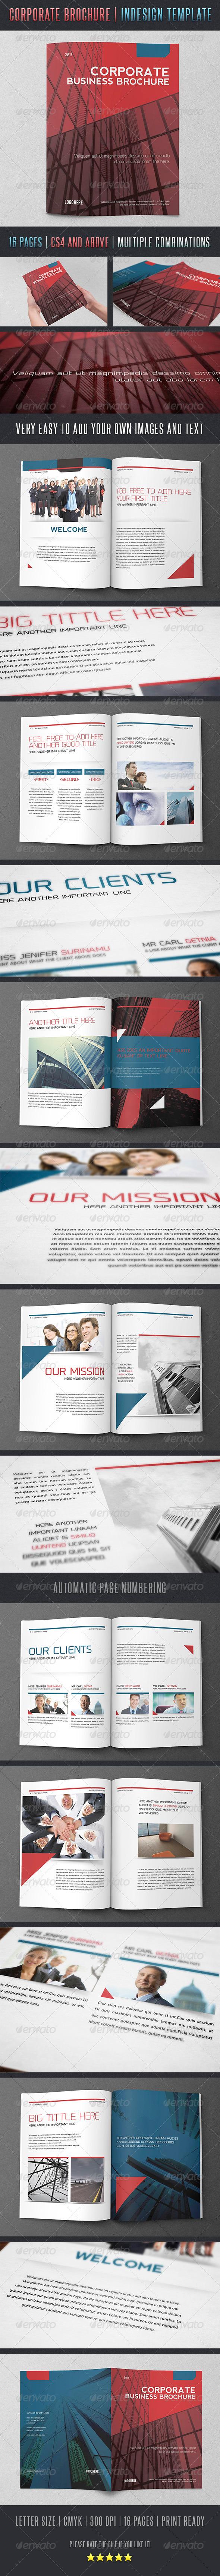 GraphicRiver Corporate Brochure 4913696